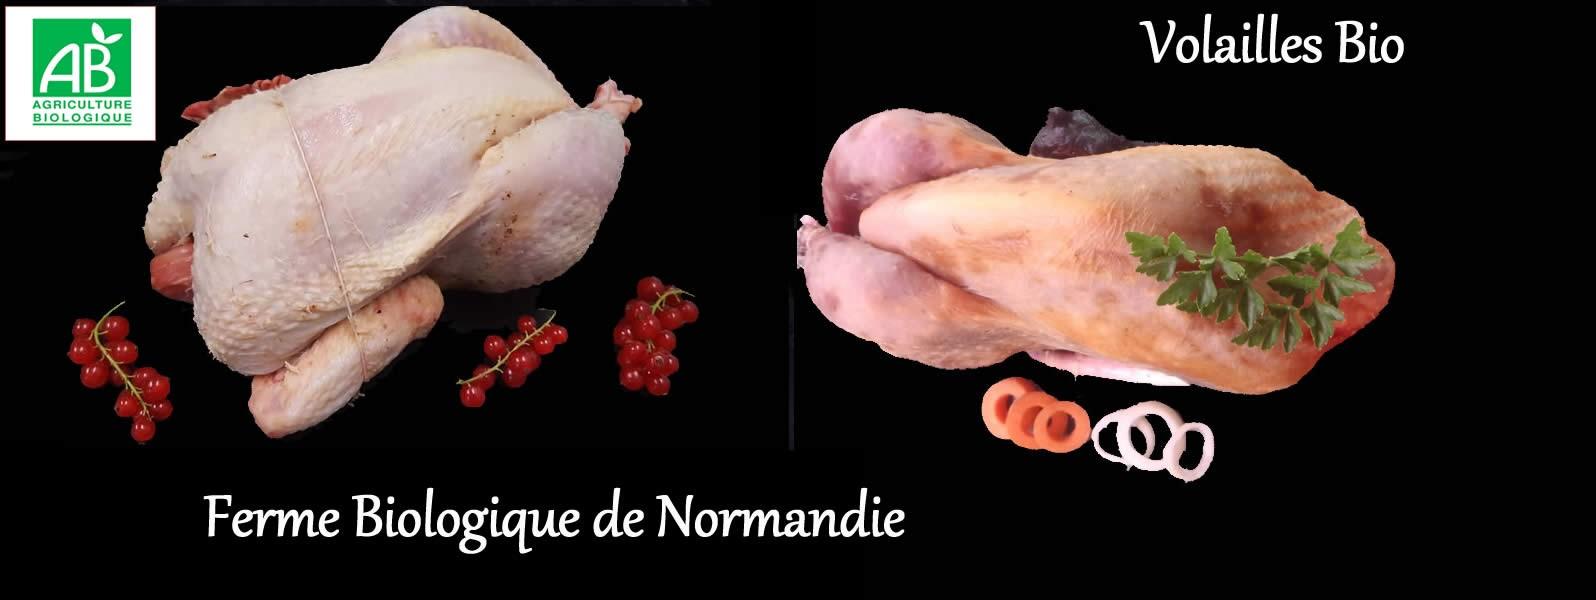 Volailles fermières bio, poulet, pintade, canard, dinde